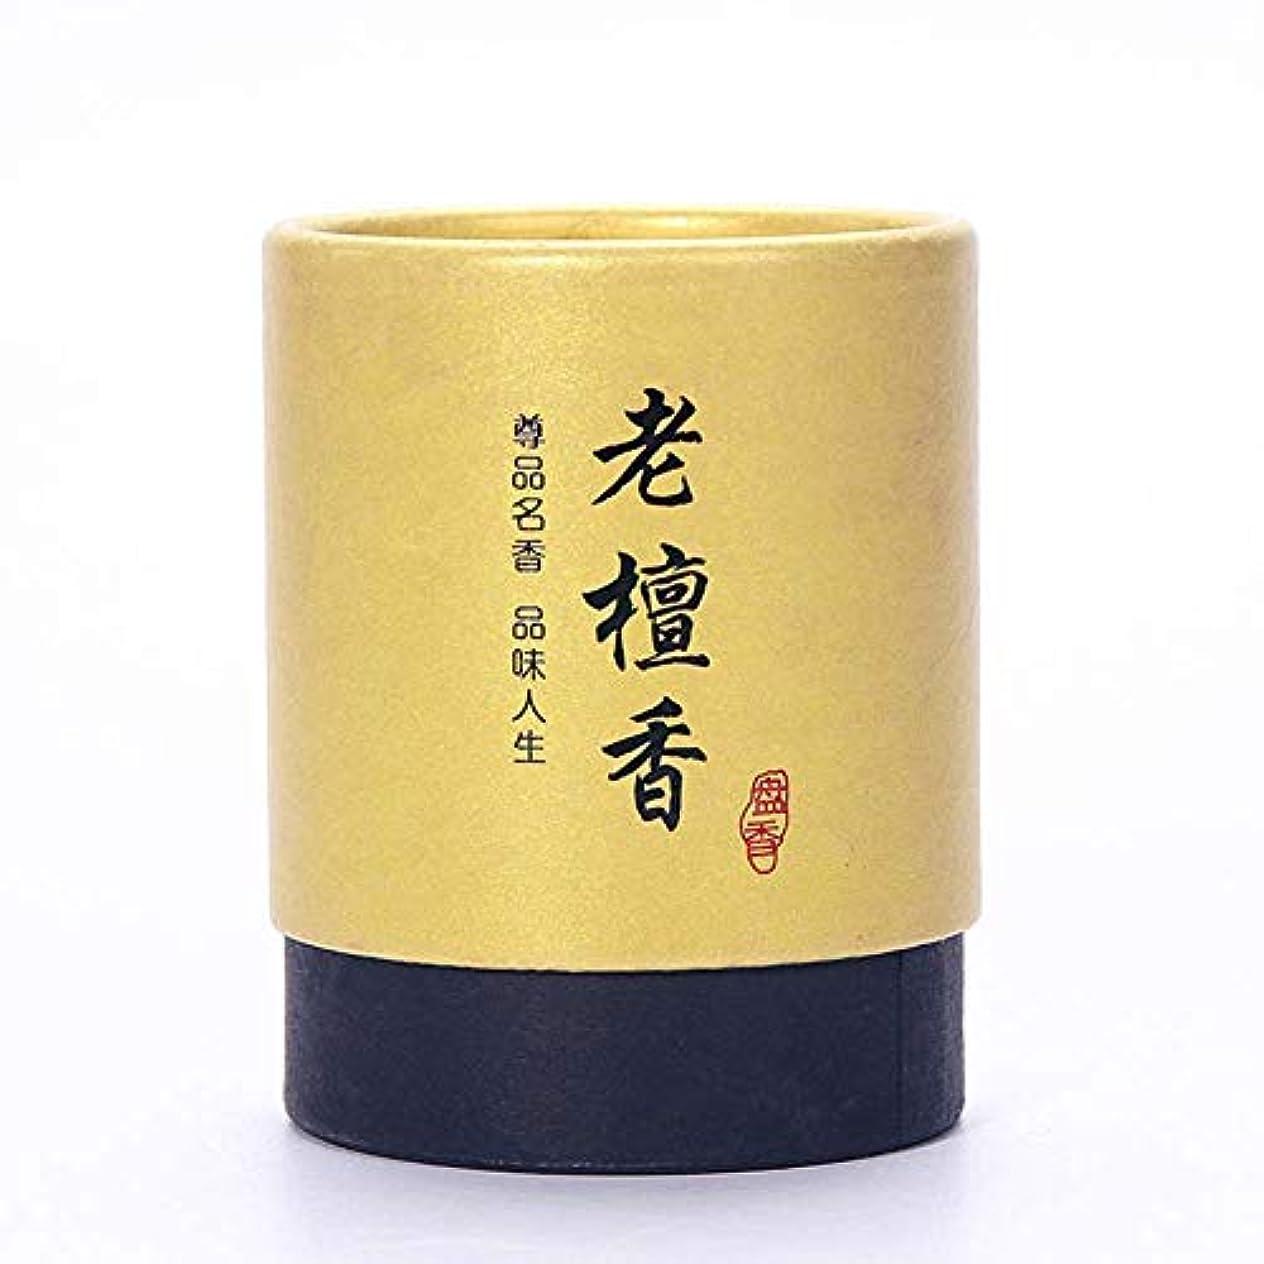 鎮痛剤徹底再集計HwaGui お香 ビャクダン 2時間 盤香 渦巻き線香 優しい香り 48巻入 (老い檀香)